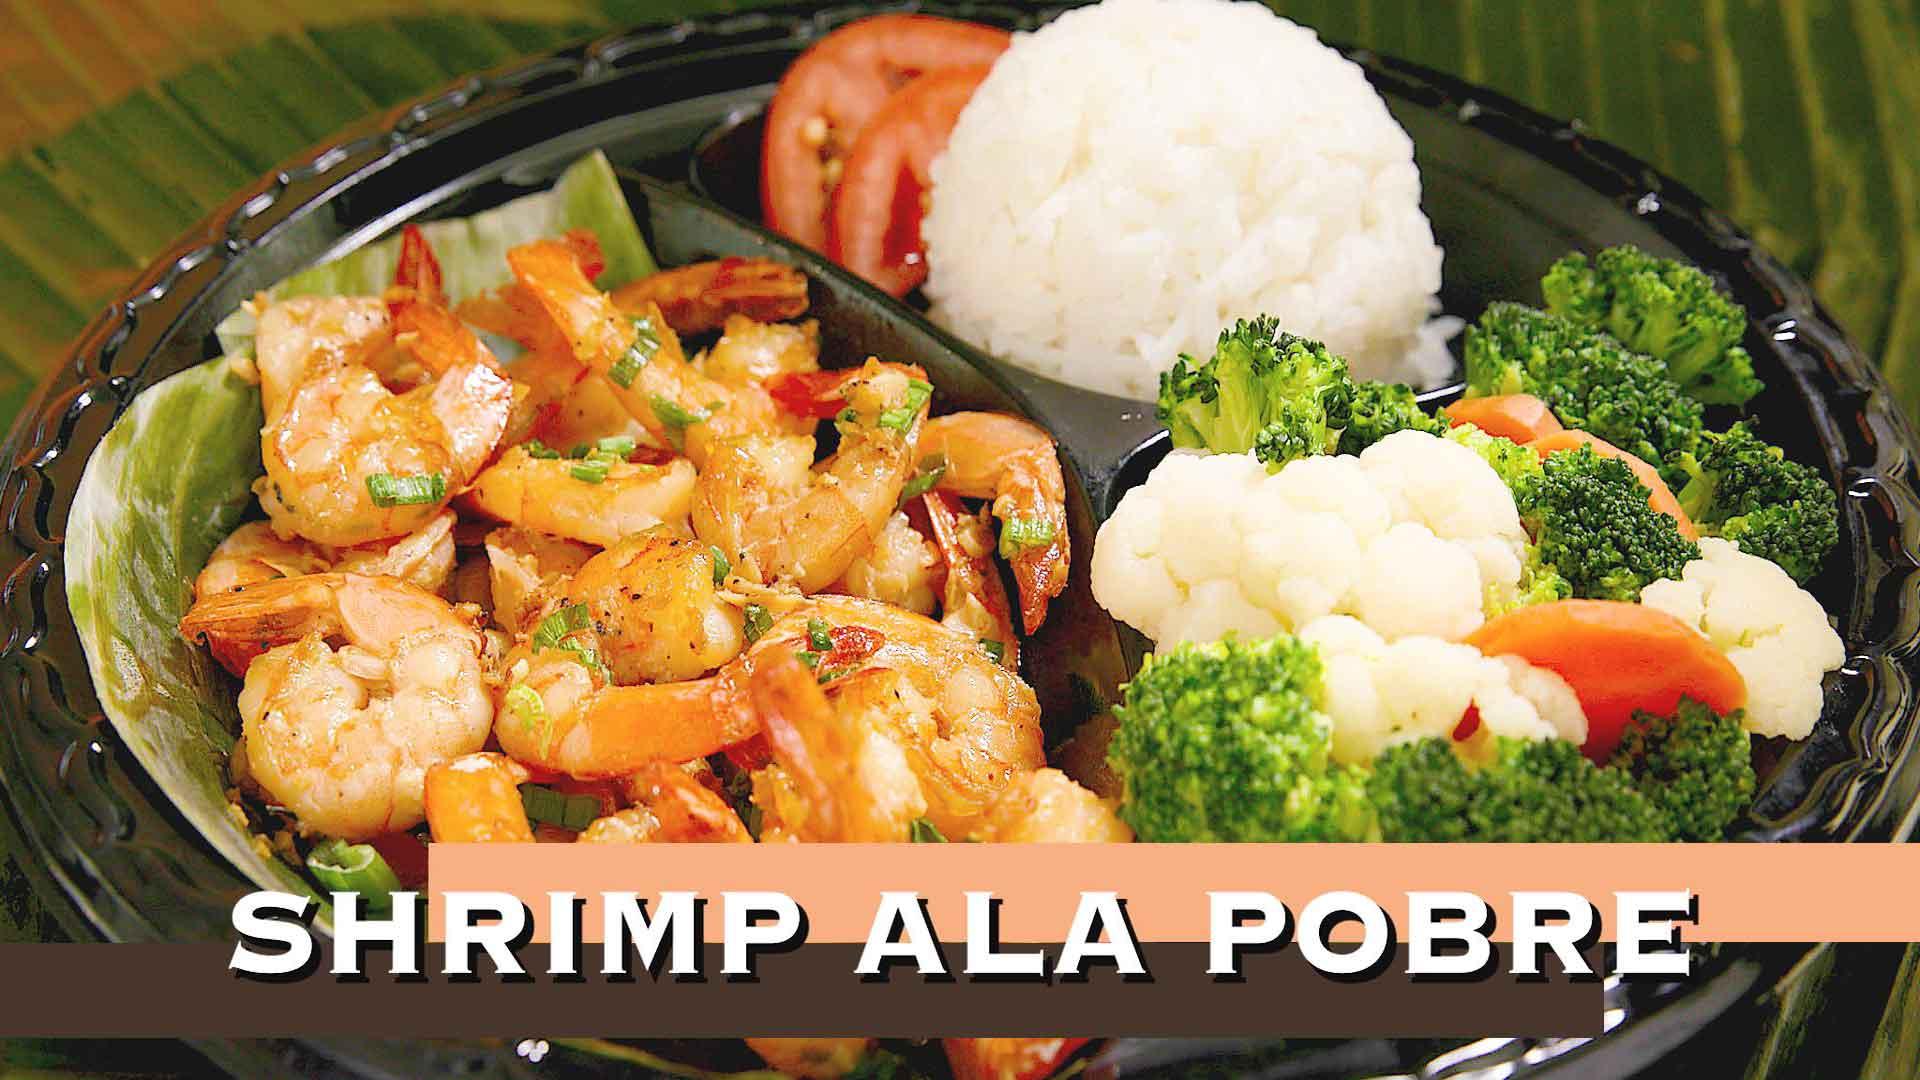 house-of-grill-shrimp-a-la-pobre